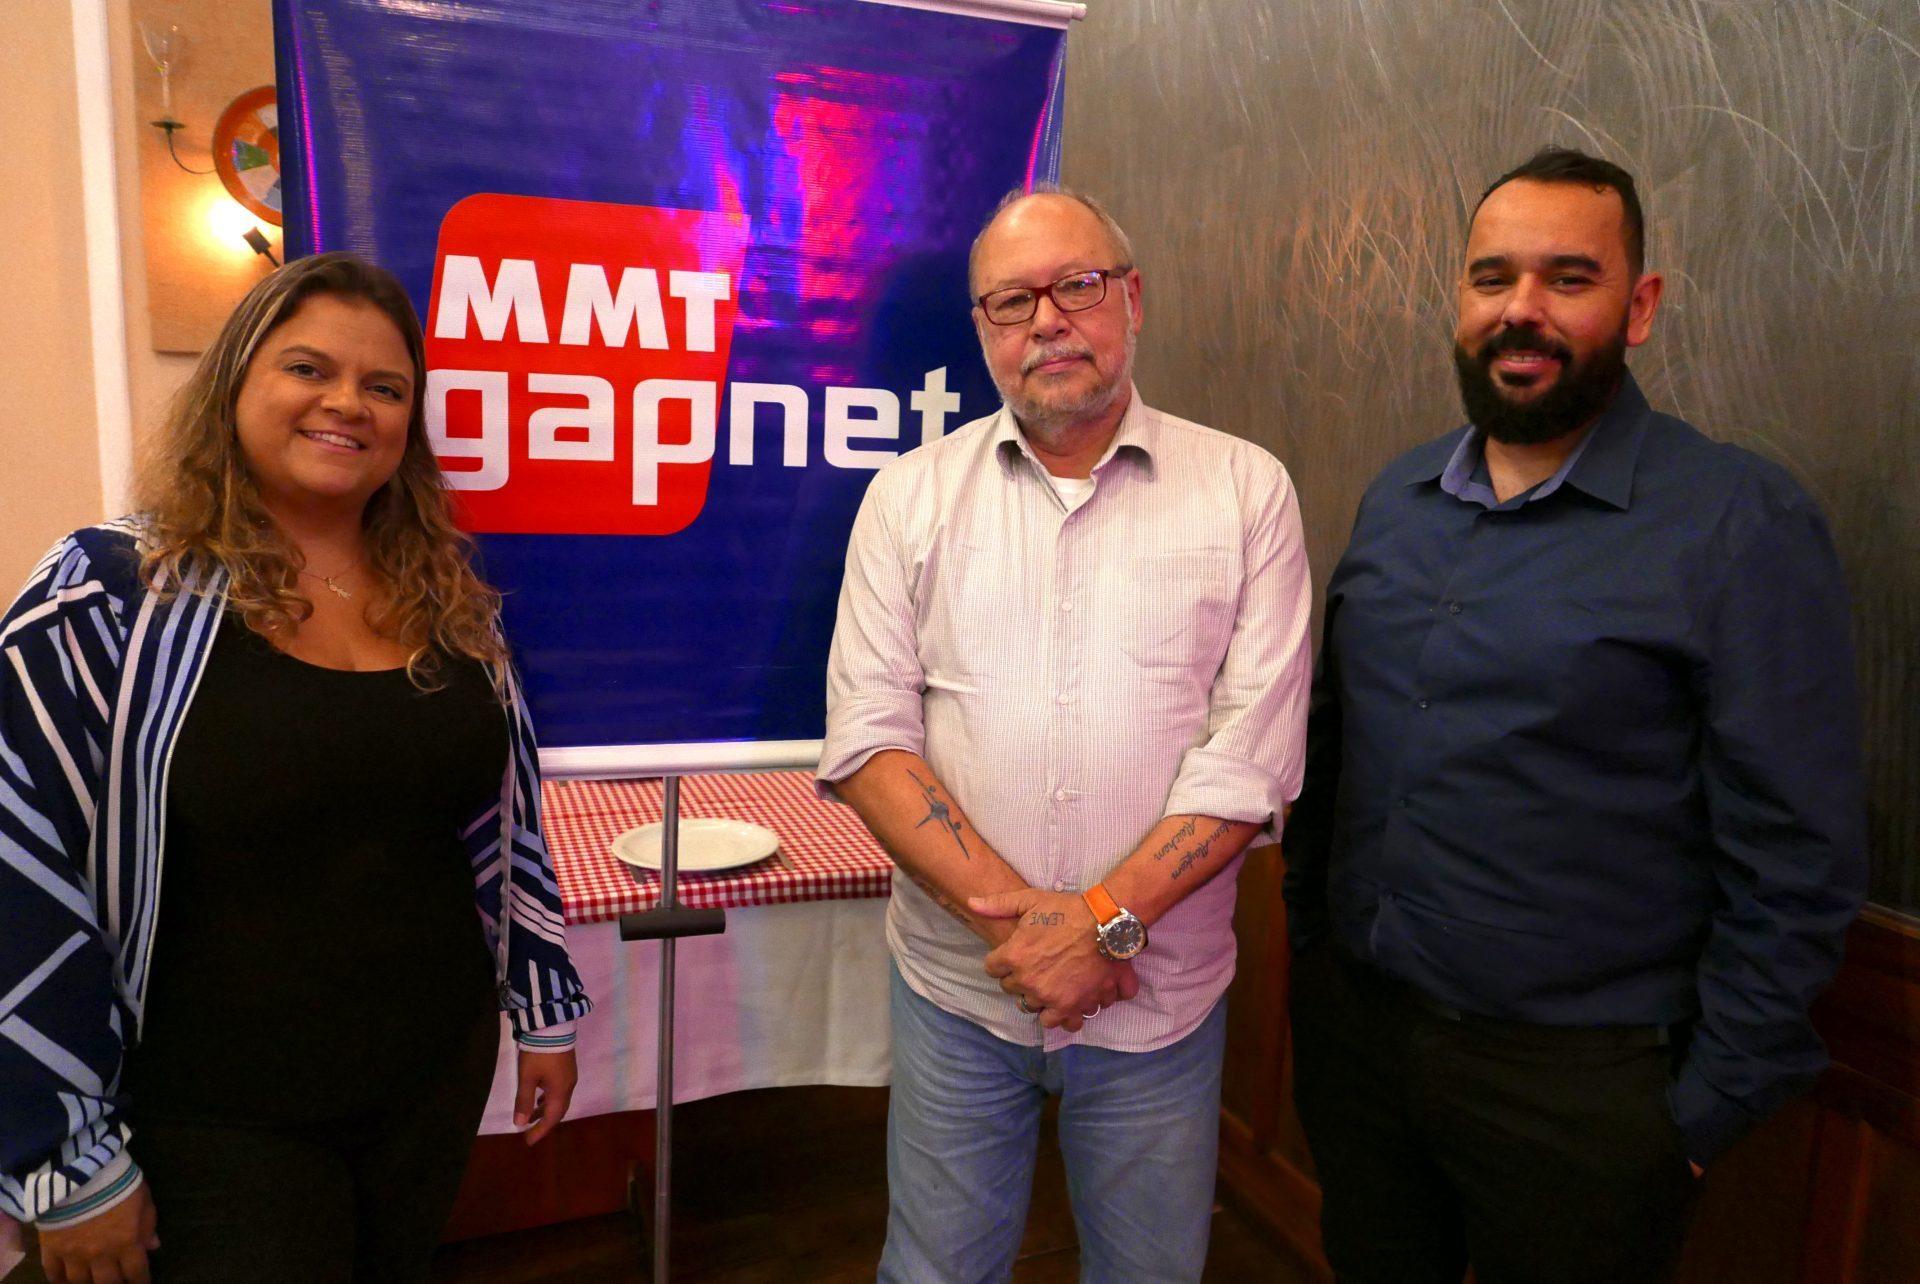 Raíssa Melo, Ronaldo Faria e Clinton Ramos, da MMTGapnet, no evento de capacitação em Belo Horizonte